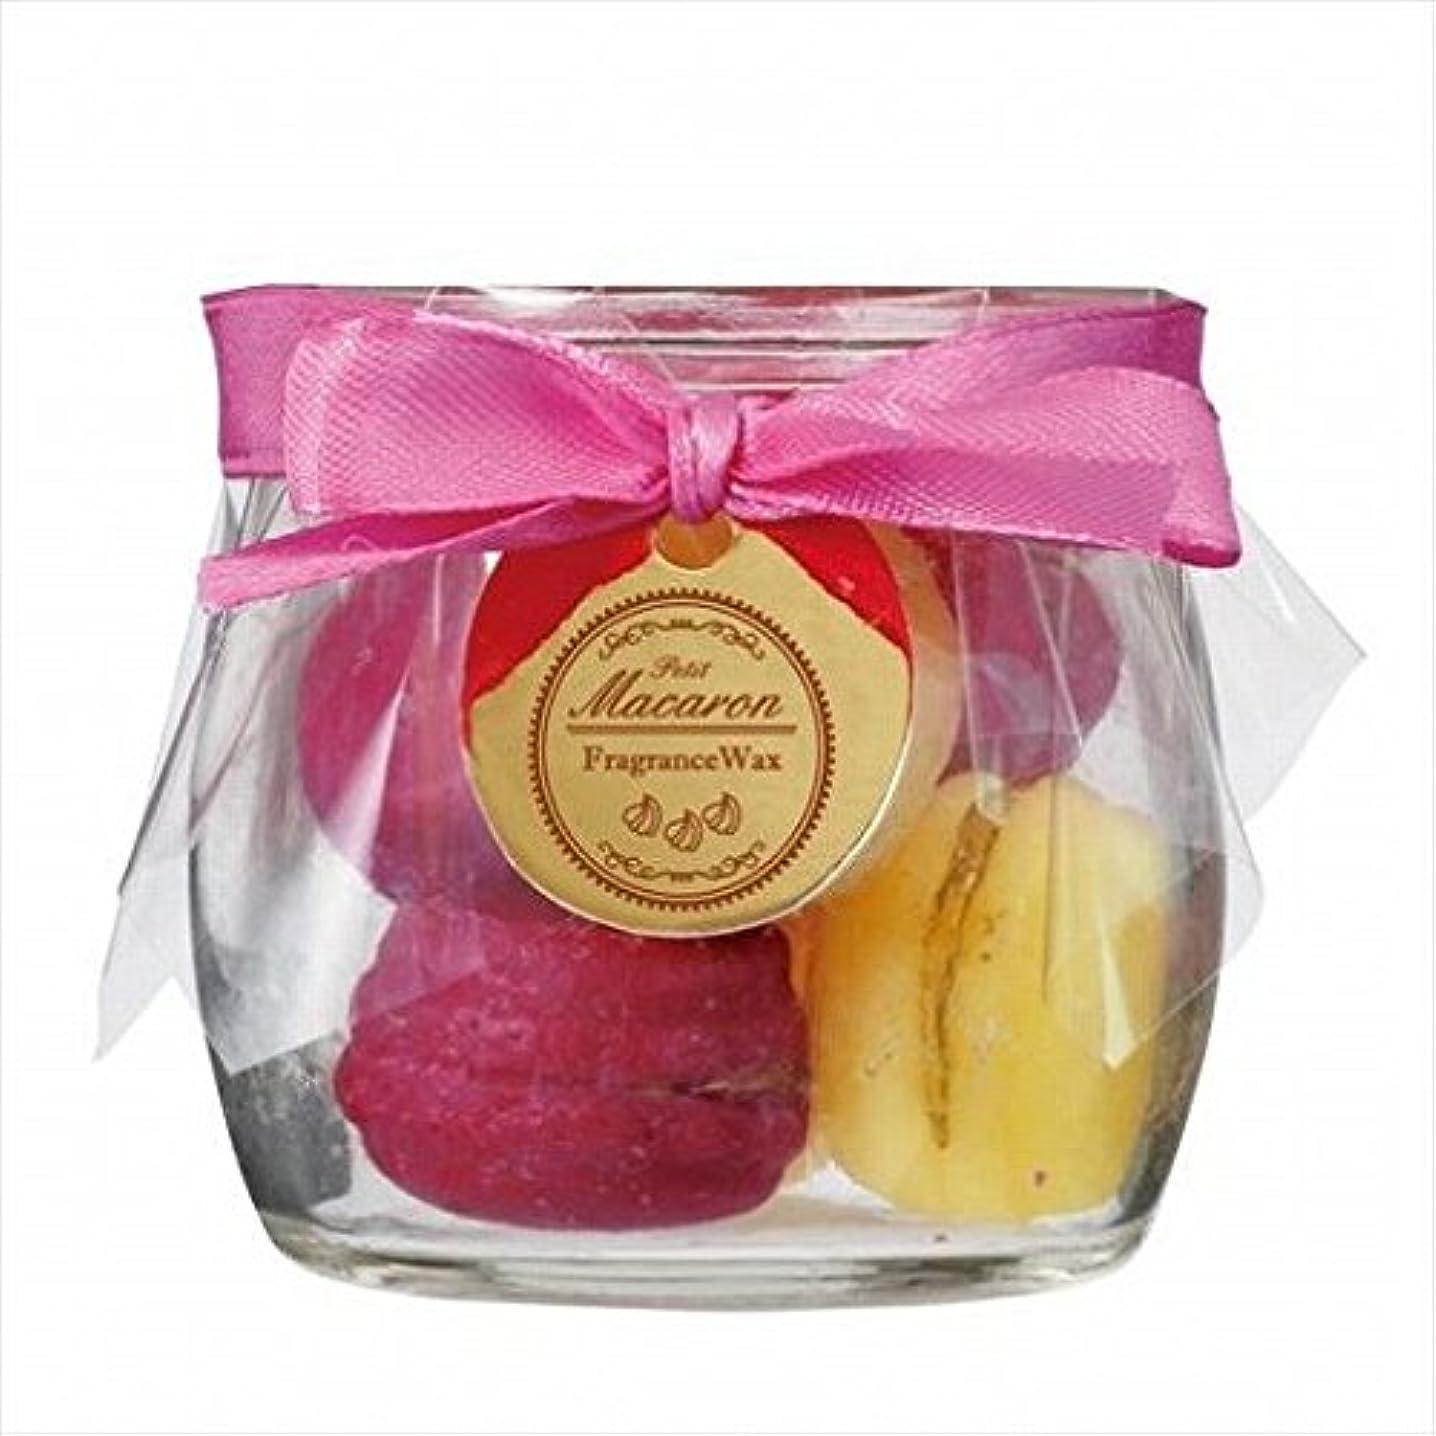 フラップ第二に音sweets candle(スイーツキャンドル) プチマカロンフレグランス 「 ベリー 」 キャンドル 60x60x56mm (A3160510)